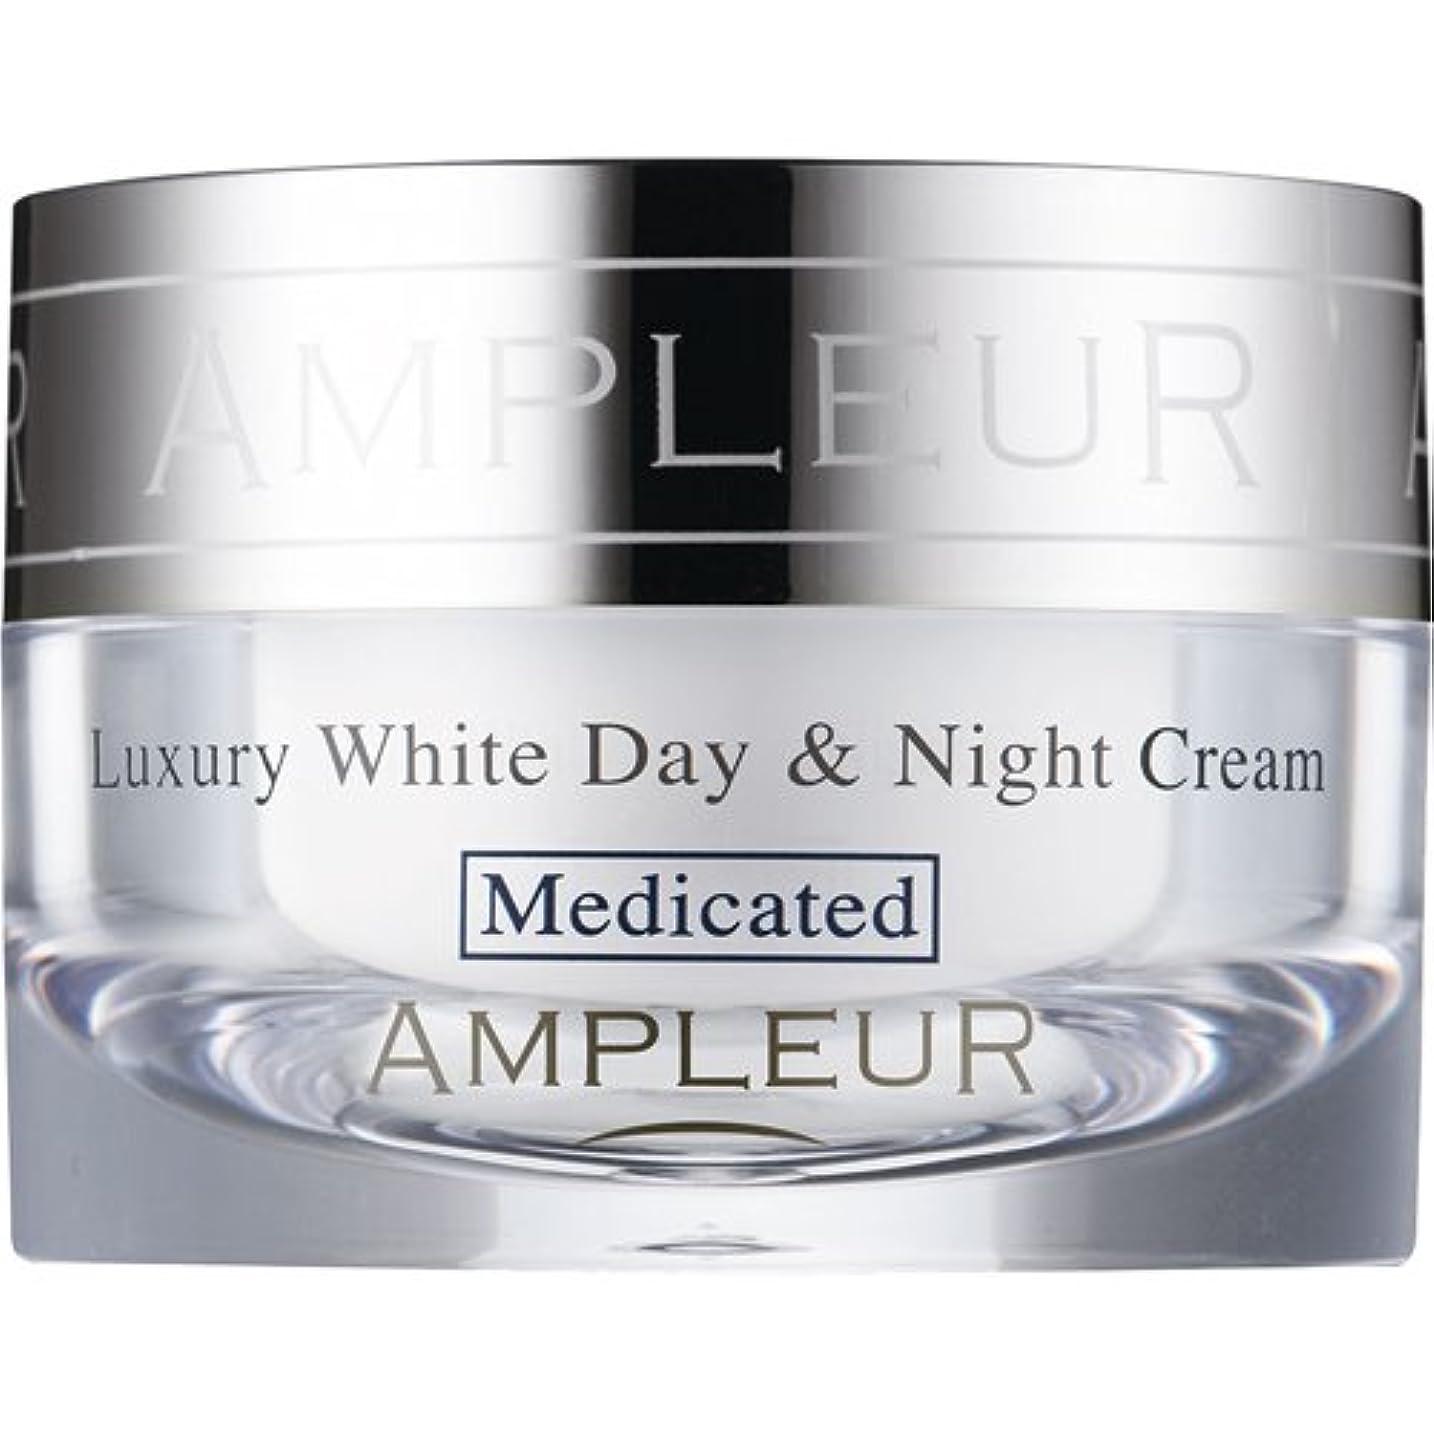 気をつけて速い粒子AMPLEUR(アンプルール) ラグジュアリーホワイト 薬用デイ&ナイトクリーム 30g